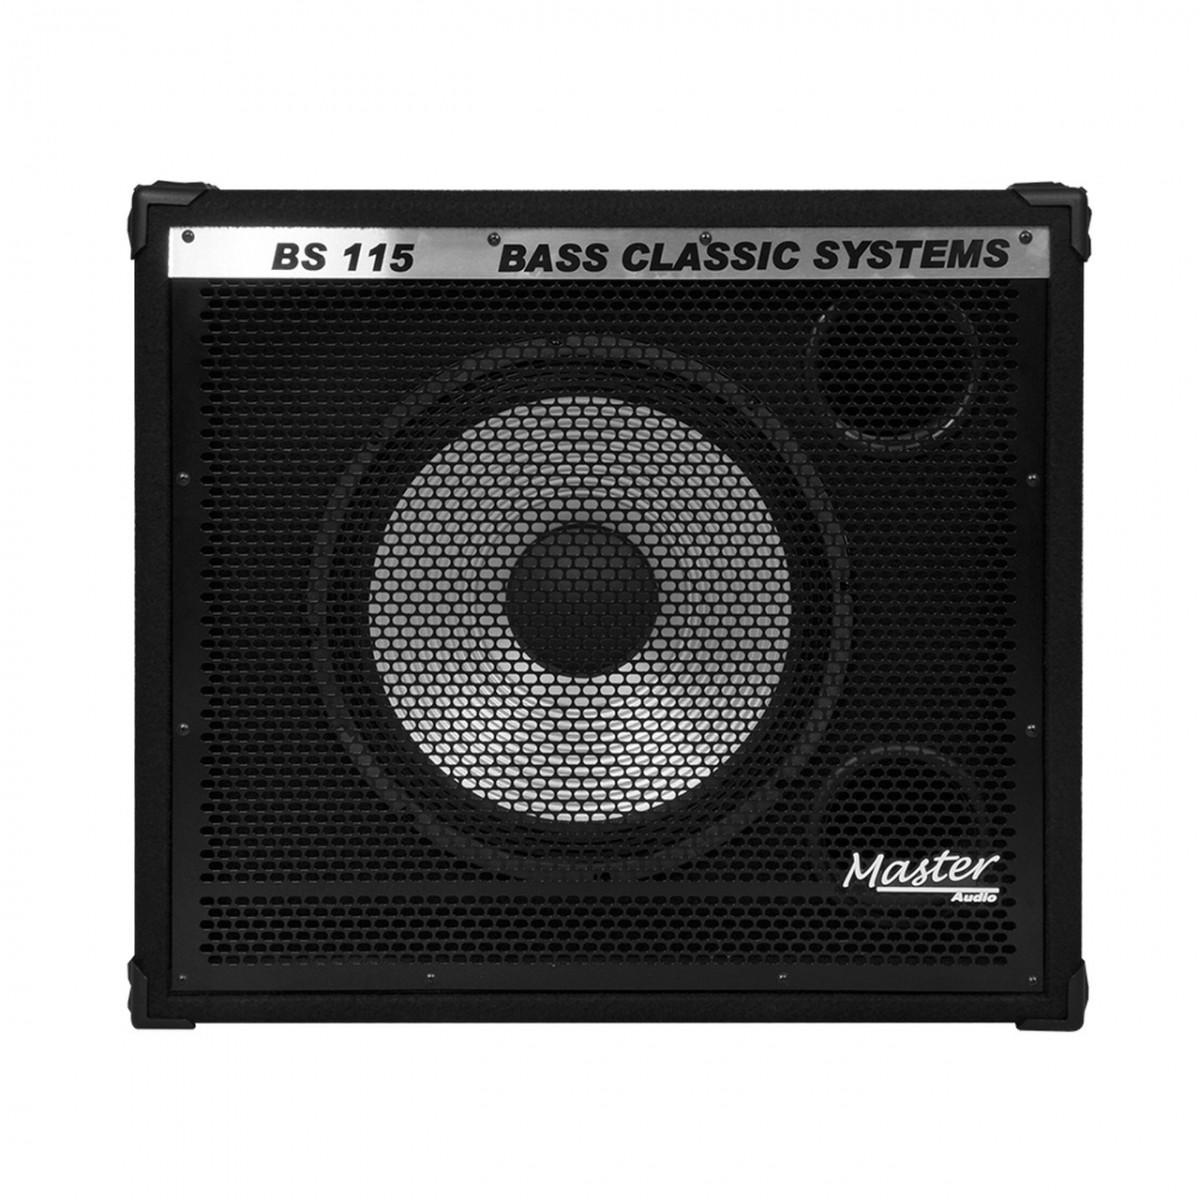 Caixa Master Áudio BS 115 Contra-Baixo